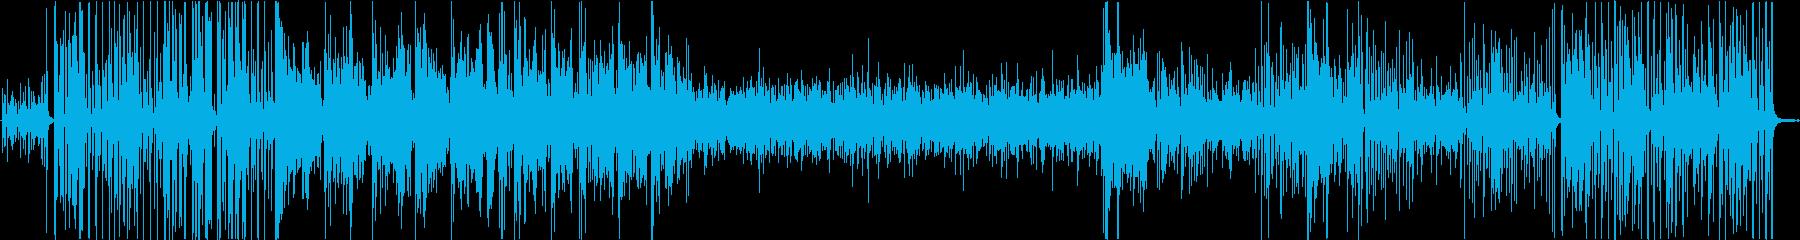 ジャズクラブの再生済みの波形